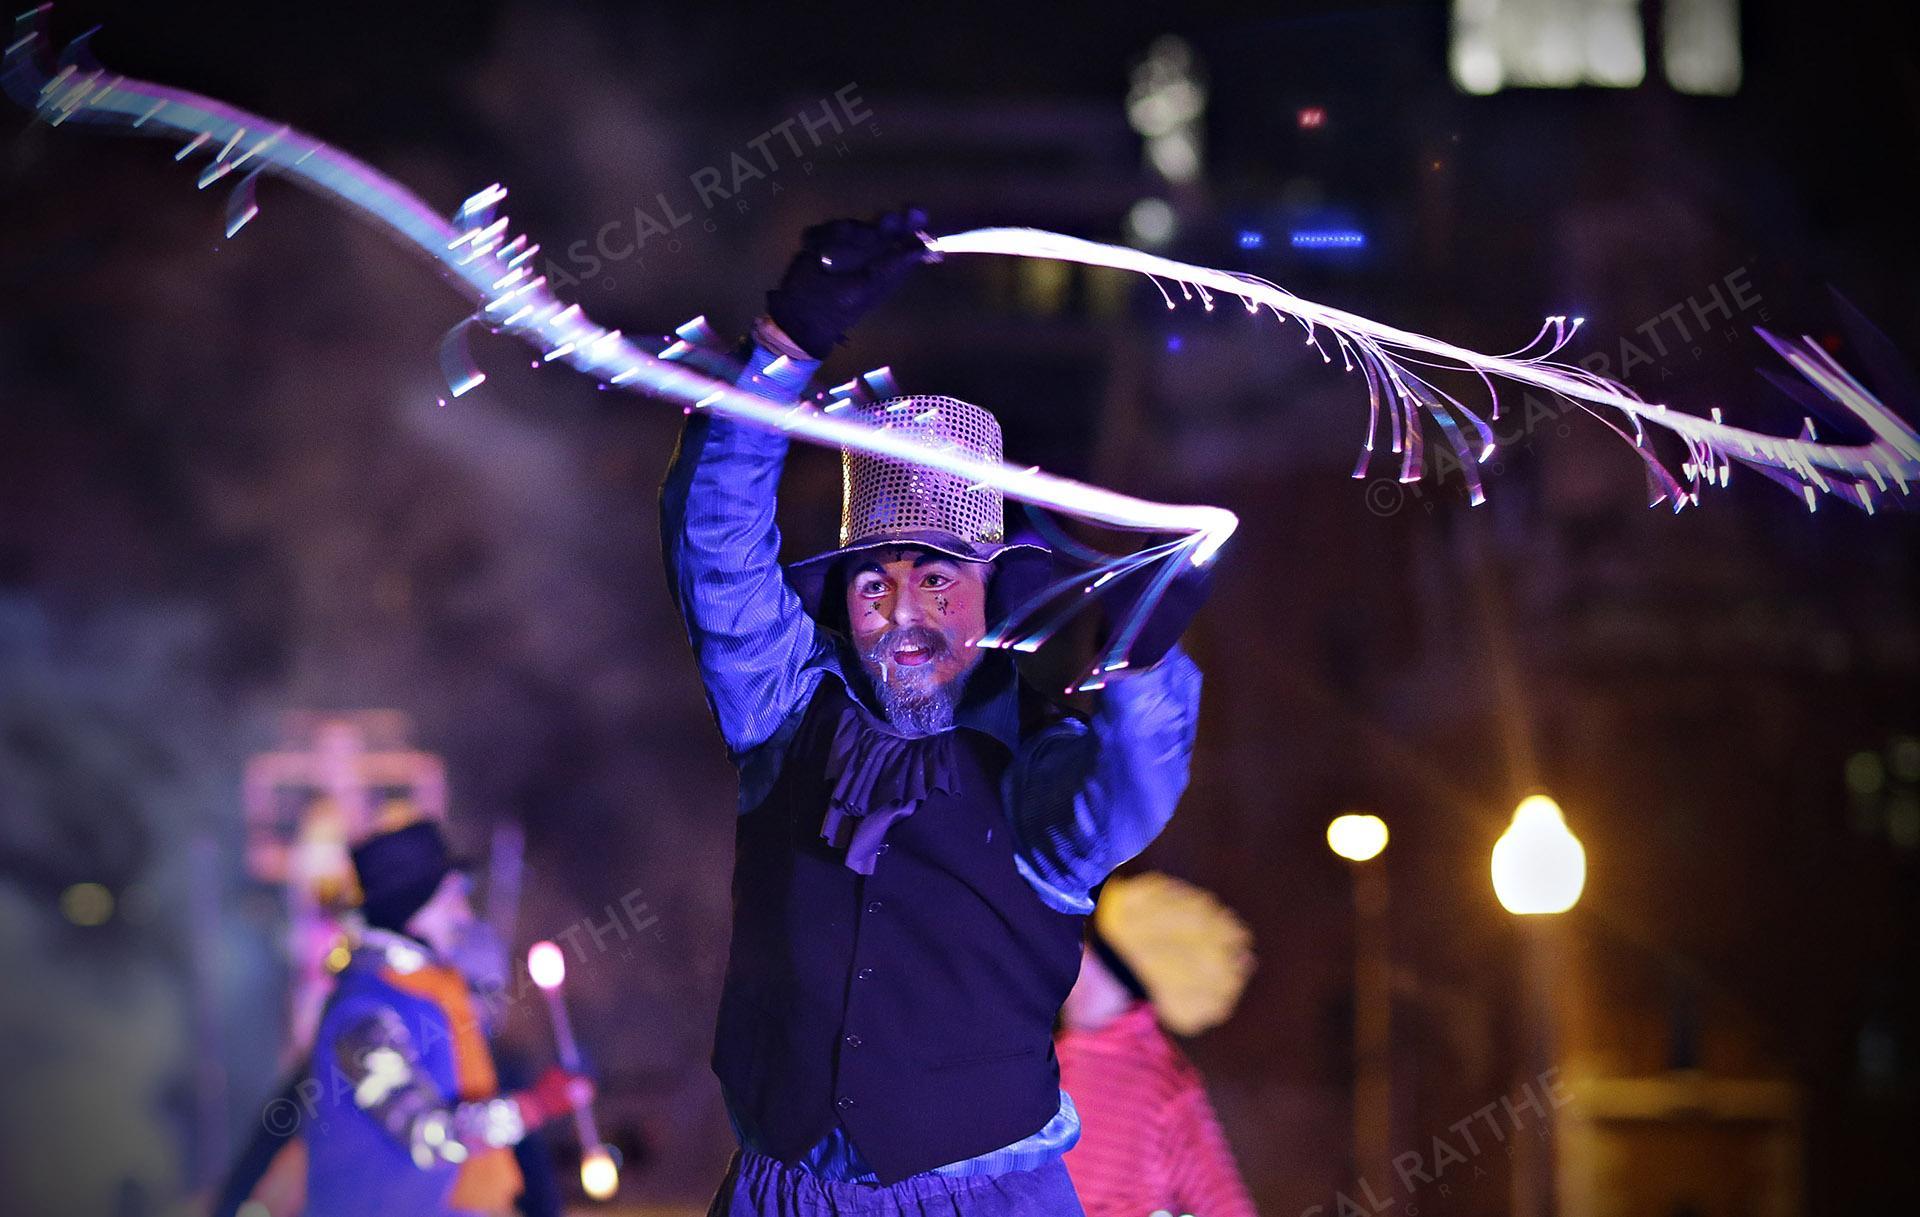 le défilé du Carnaval 2020 à Québec un artiste faisant partie du spectacle